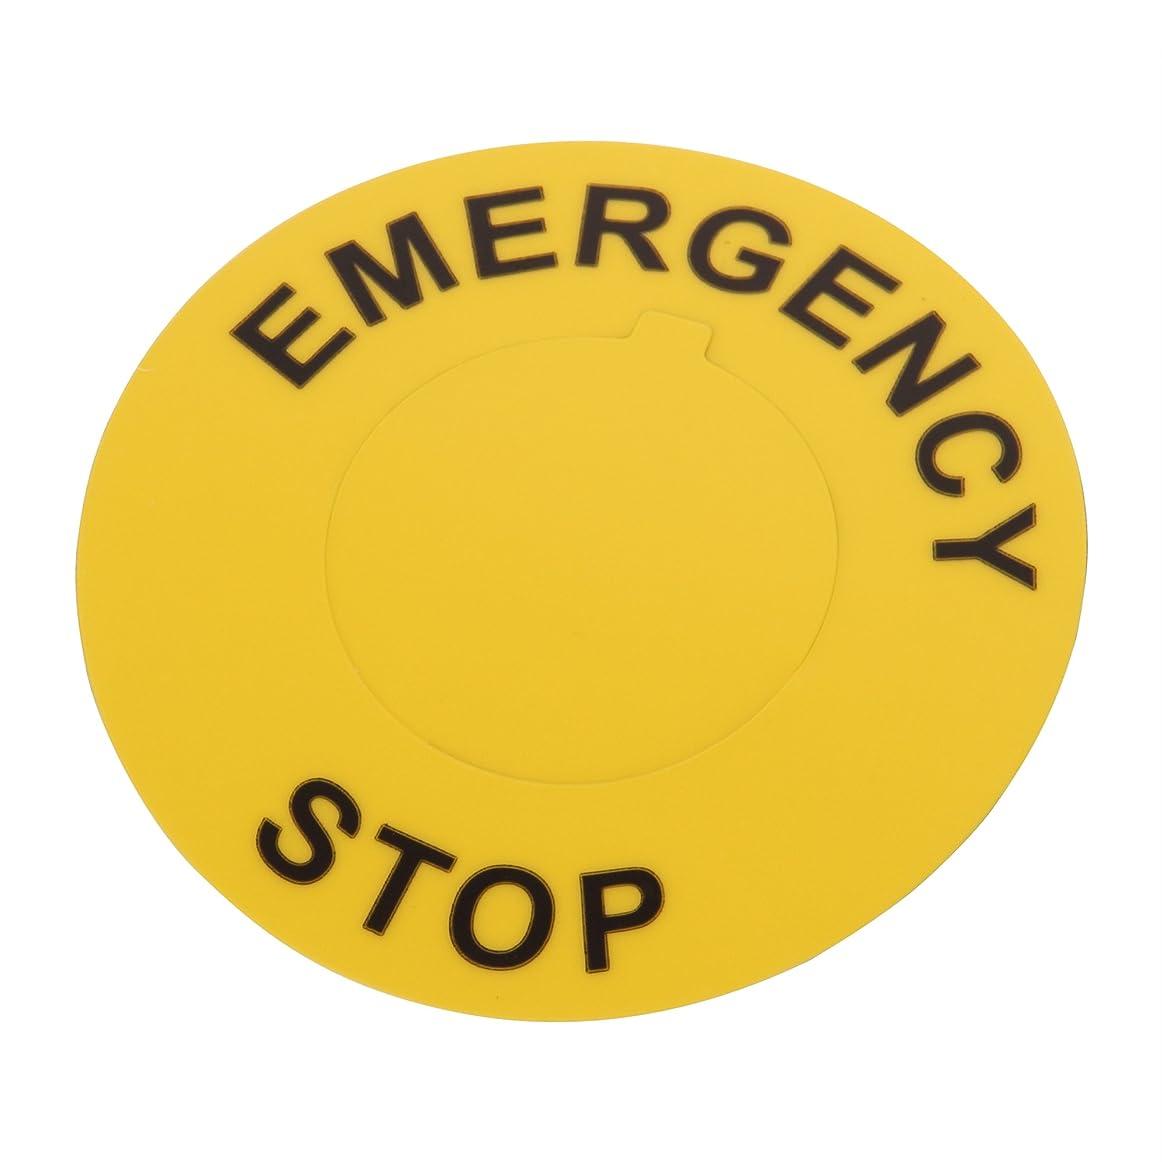 菊居心地の良い犬パンドウイット 非常停止ボタン用ラベル C235A8-30-ES